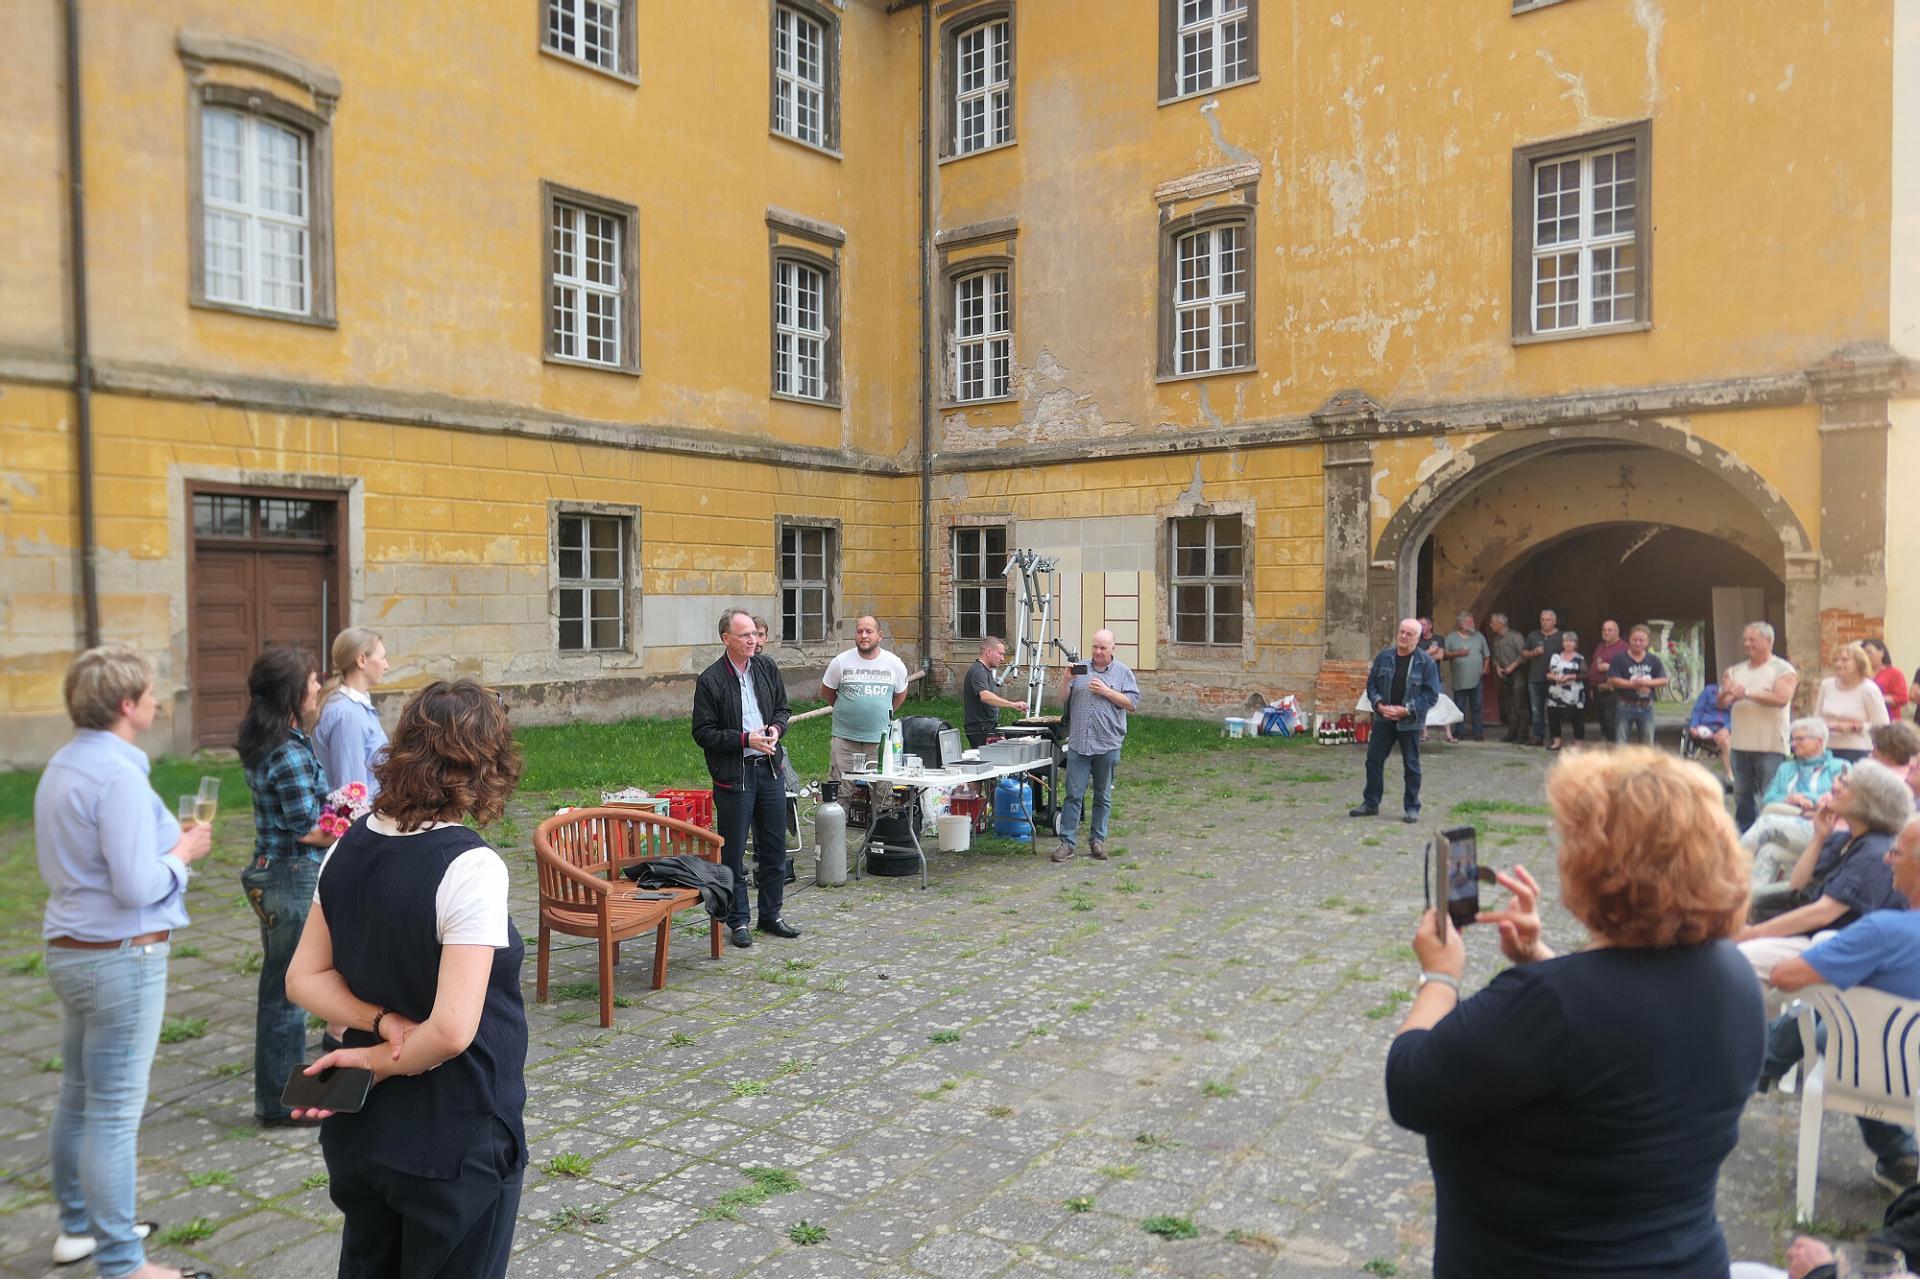 Am Freitagabend wurde der Käufer im Schlosshof von der Bürgermeisterin und interessierten Lieberosern begrüßt. Foto: Ingrid Hoberg